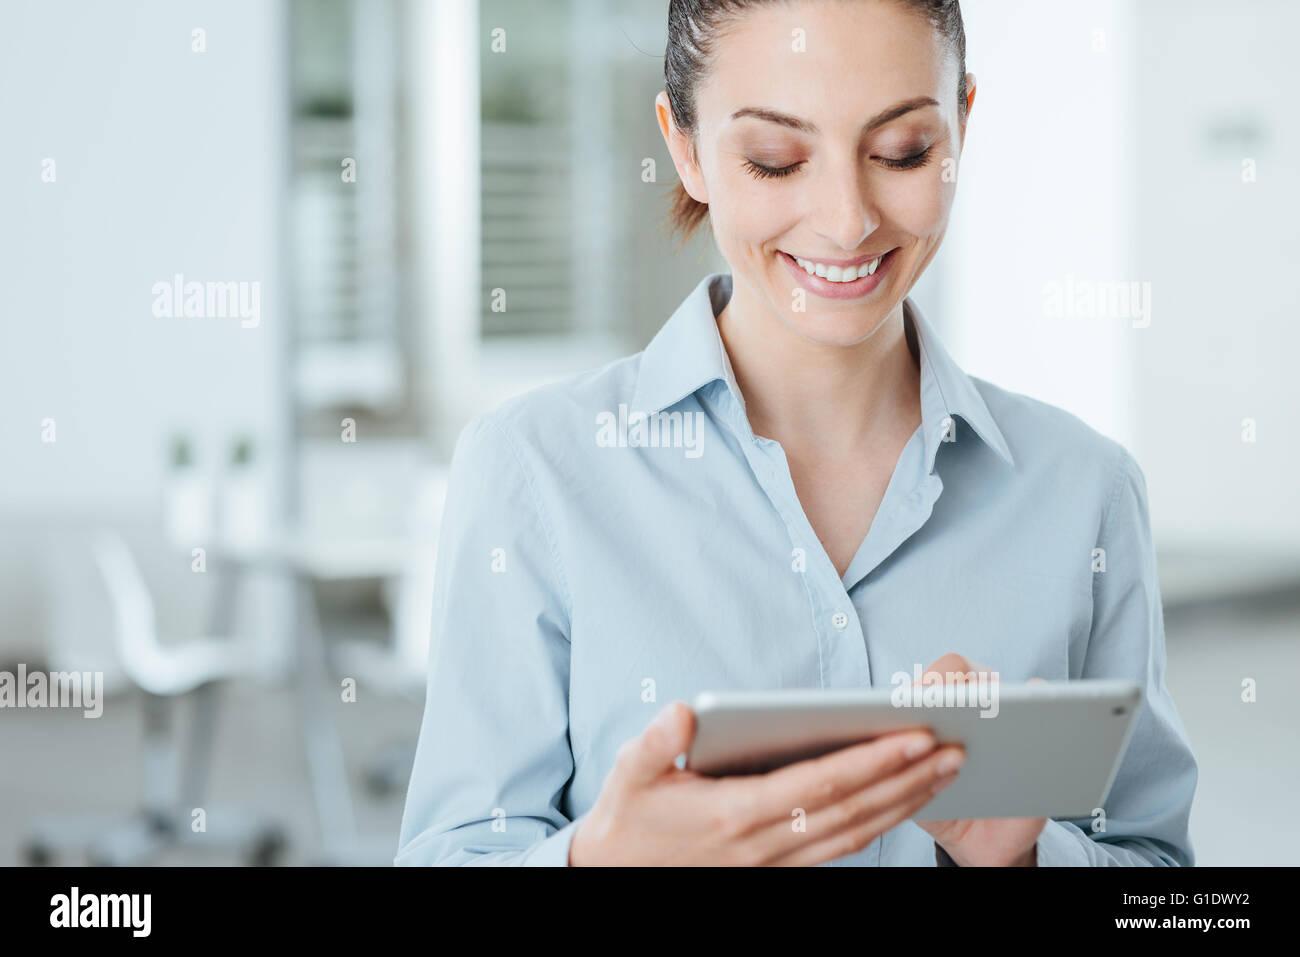 Sonriente joven mujer de negocios usando un tablet con pantalla táctil digital y utilizando aplicaciones, ella Imagen De Stock